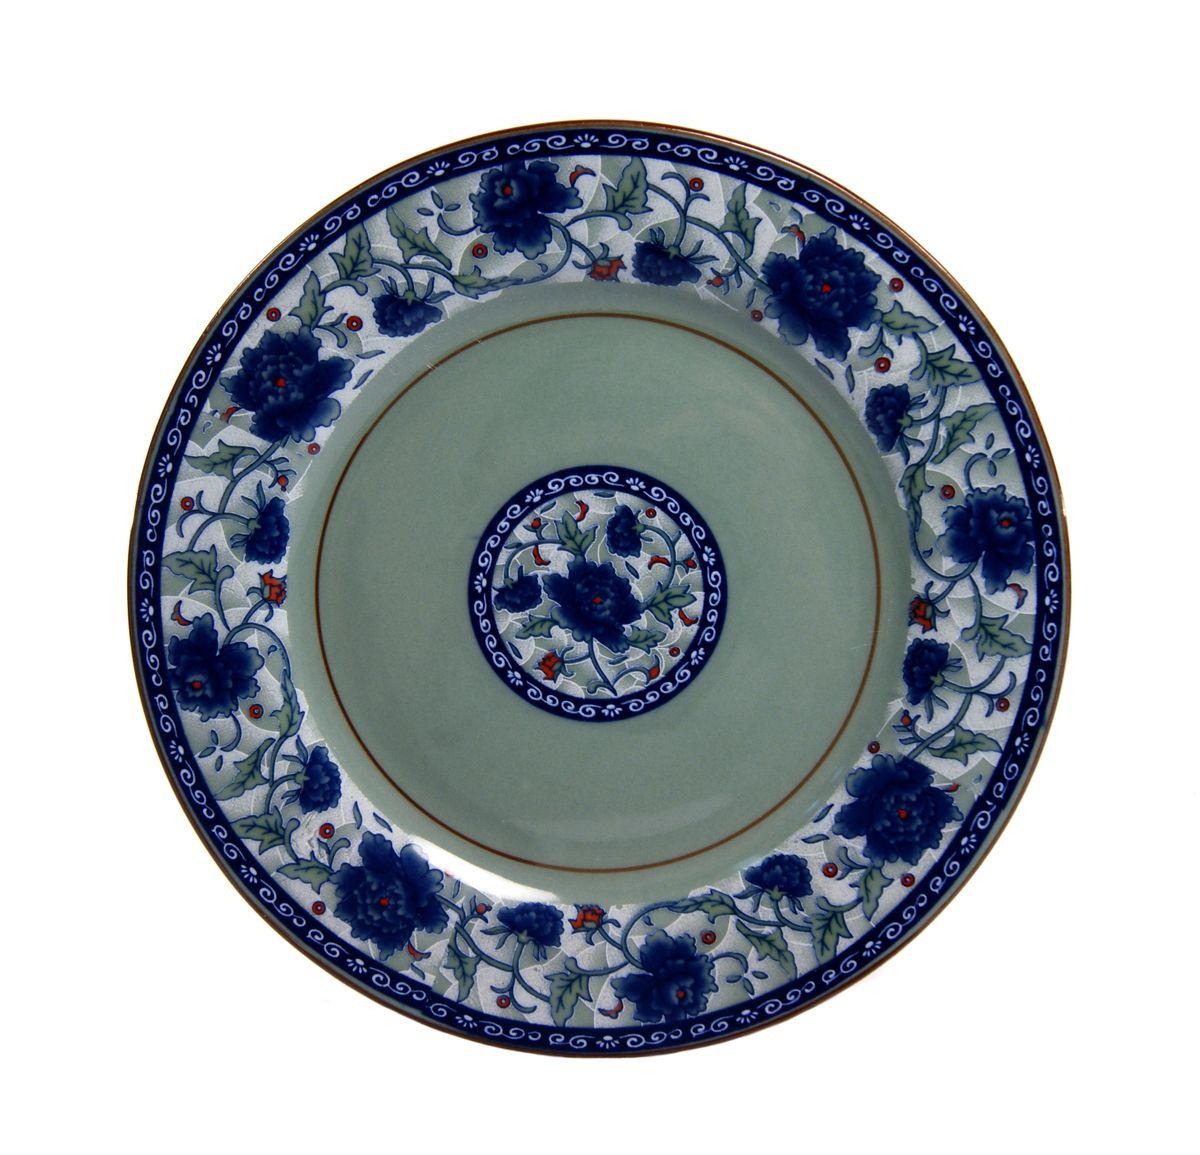 Тарелка десертная Nanshan Porcelain Харбин, диаметр 17,5 смGNNSHB024Десертная тарелка Nanshan Porcelain Харбин изготовлена из высококачественной керамики. Предназначено для красивой подачи различных блюд. Посуда безопасна для здоровья и окружающей среды. Внутренние стенки оформлены изящным узором. Такая тарелка украсит сервировку стола и подчеркнет прекрасный вкус хозяйки. Можно мыть в посудомоечной машине и использовать в микроволновой печи. Диаметр: 17,5 см. Высота: 1,5 см.